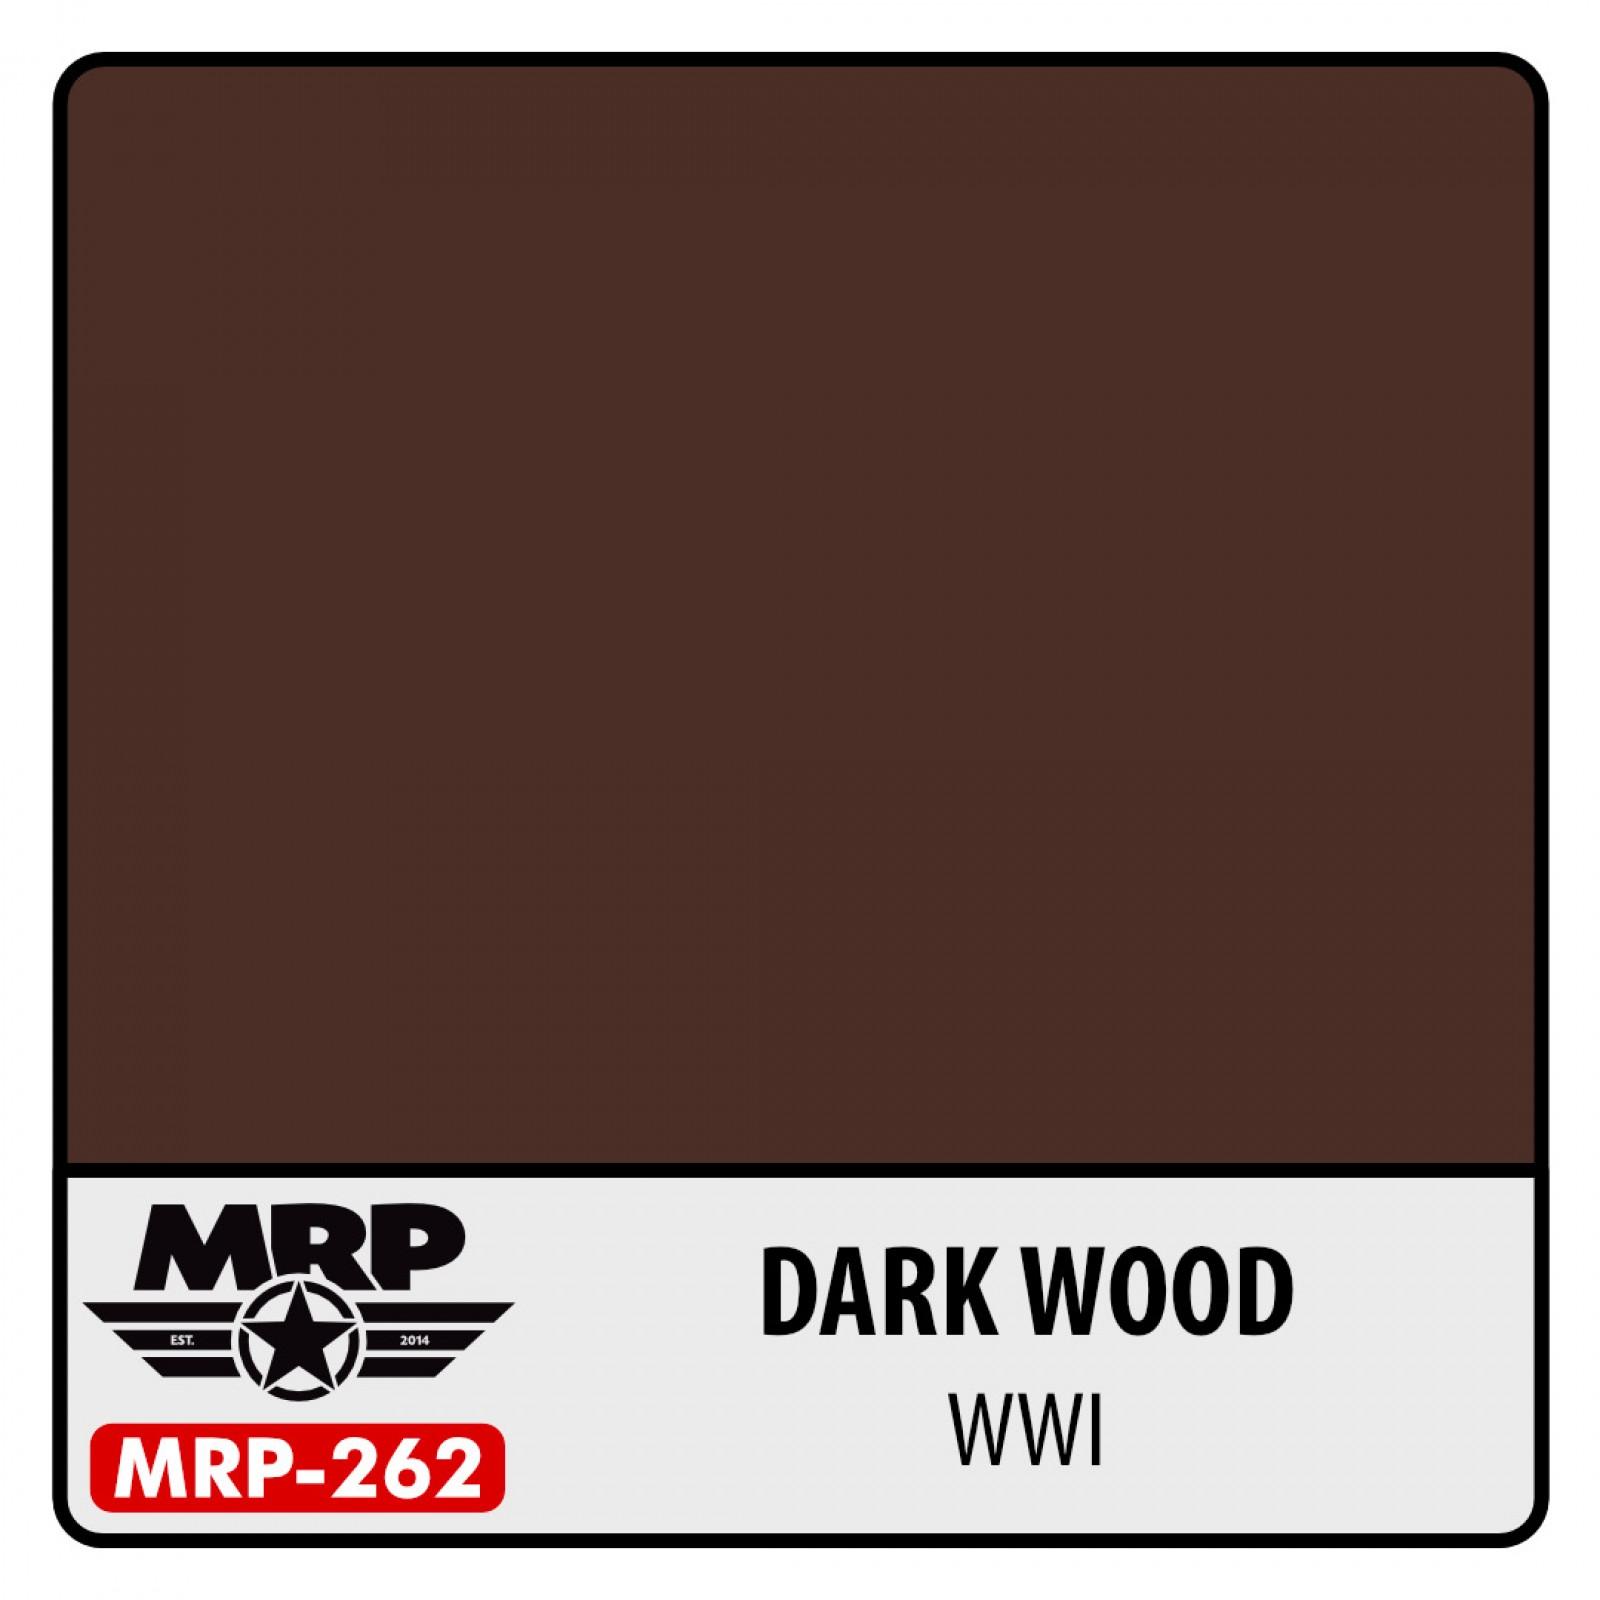 MRP-262   DARK WOOD